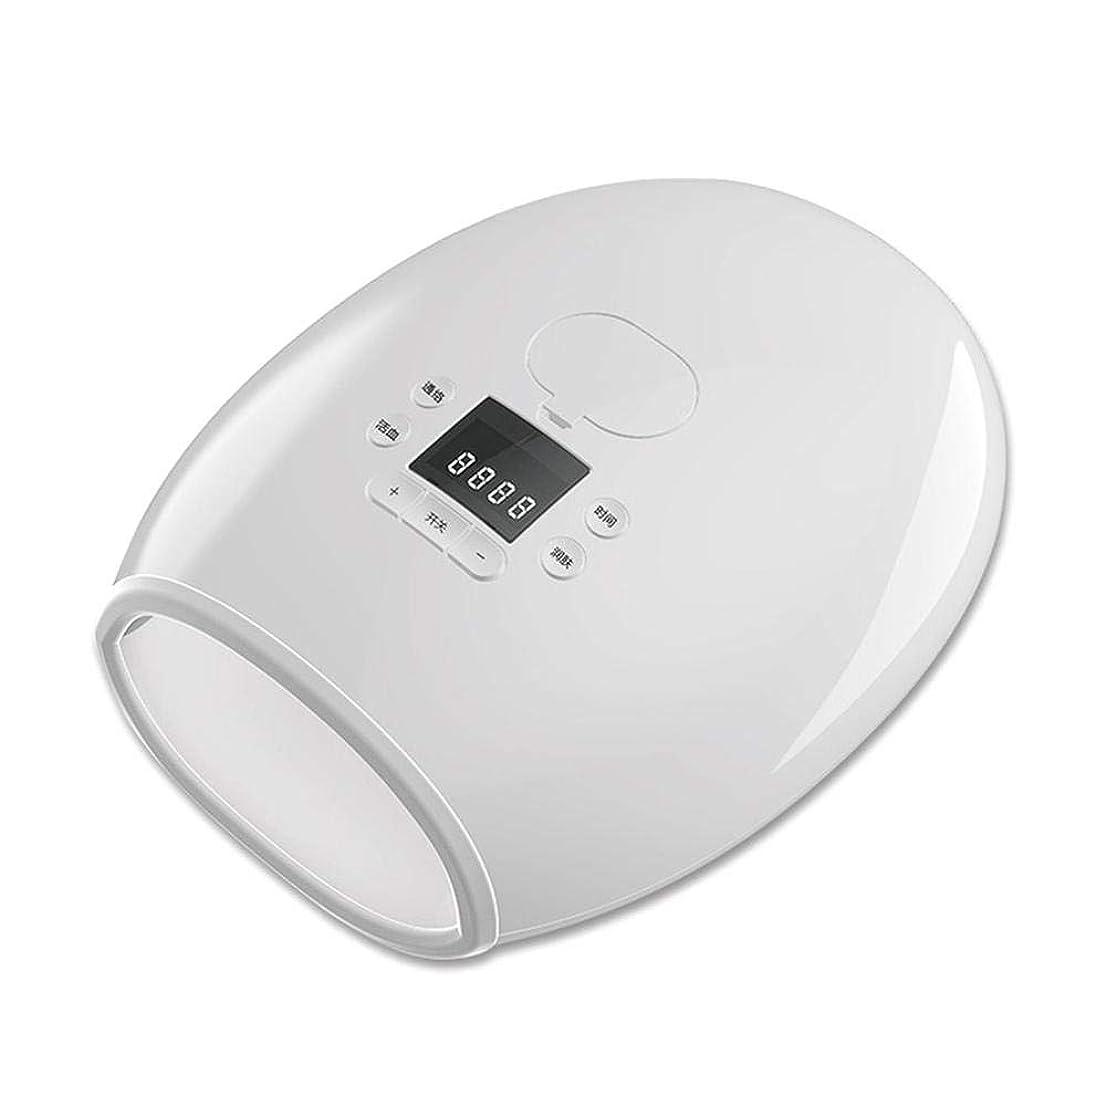 密輸対抗受動的ハンド電気暖房マッサージ器マッサージマッサージ美容ツールハンドウォームハンドハイドレイティングケアパーム